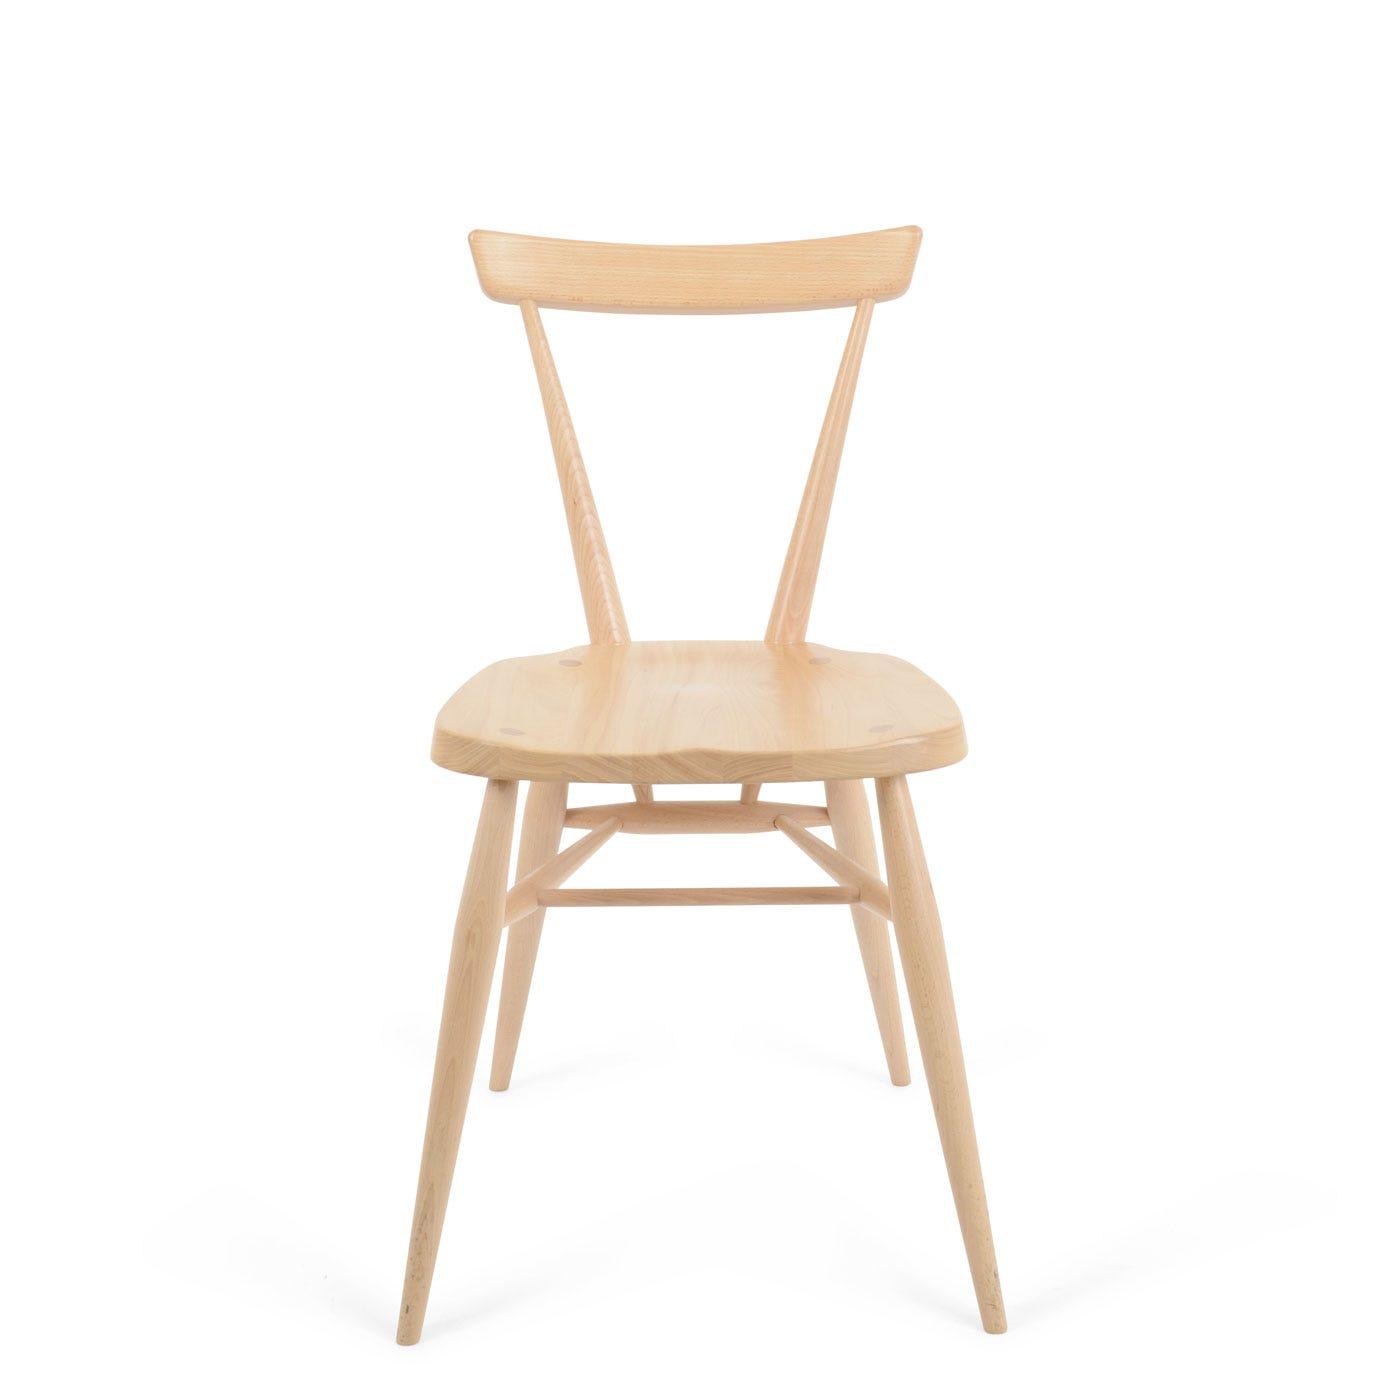 Originals Stacking Chair Dead Matt Elm & Beech